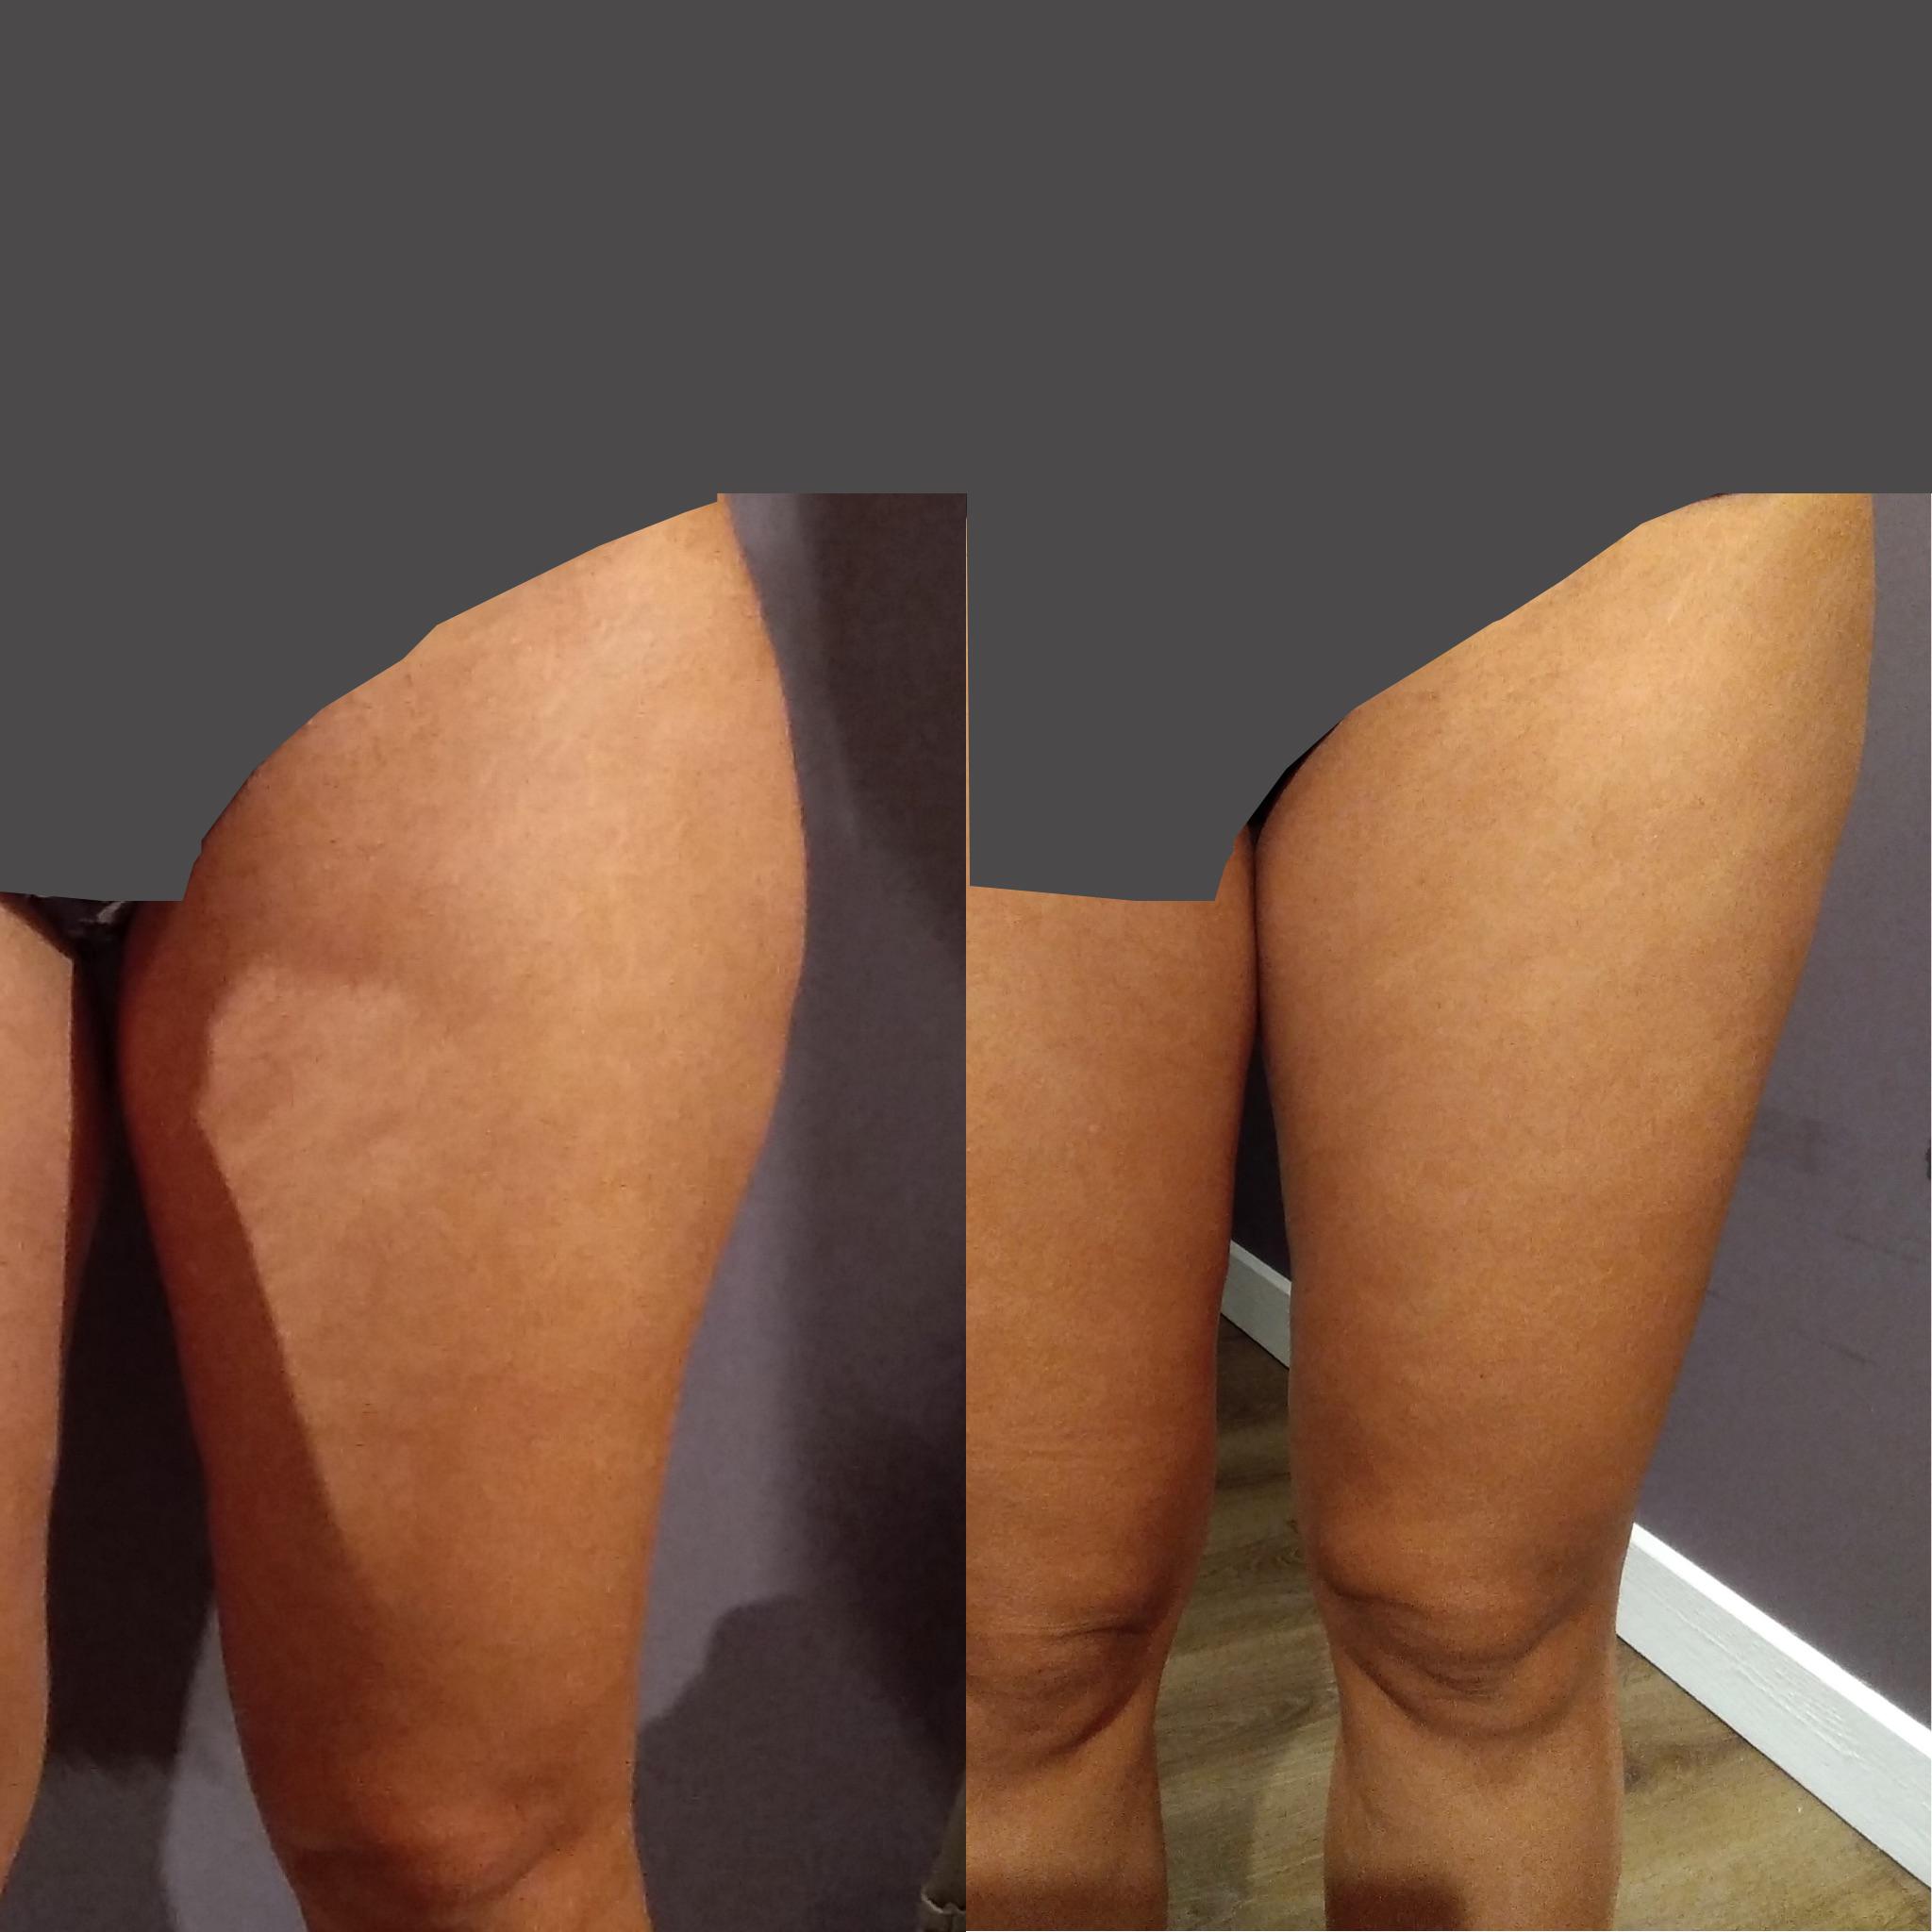 HIFU fettreducering utsida lår- resultat direkt efter